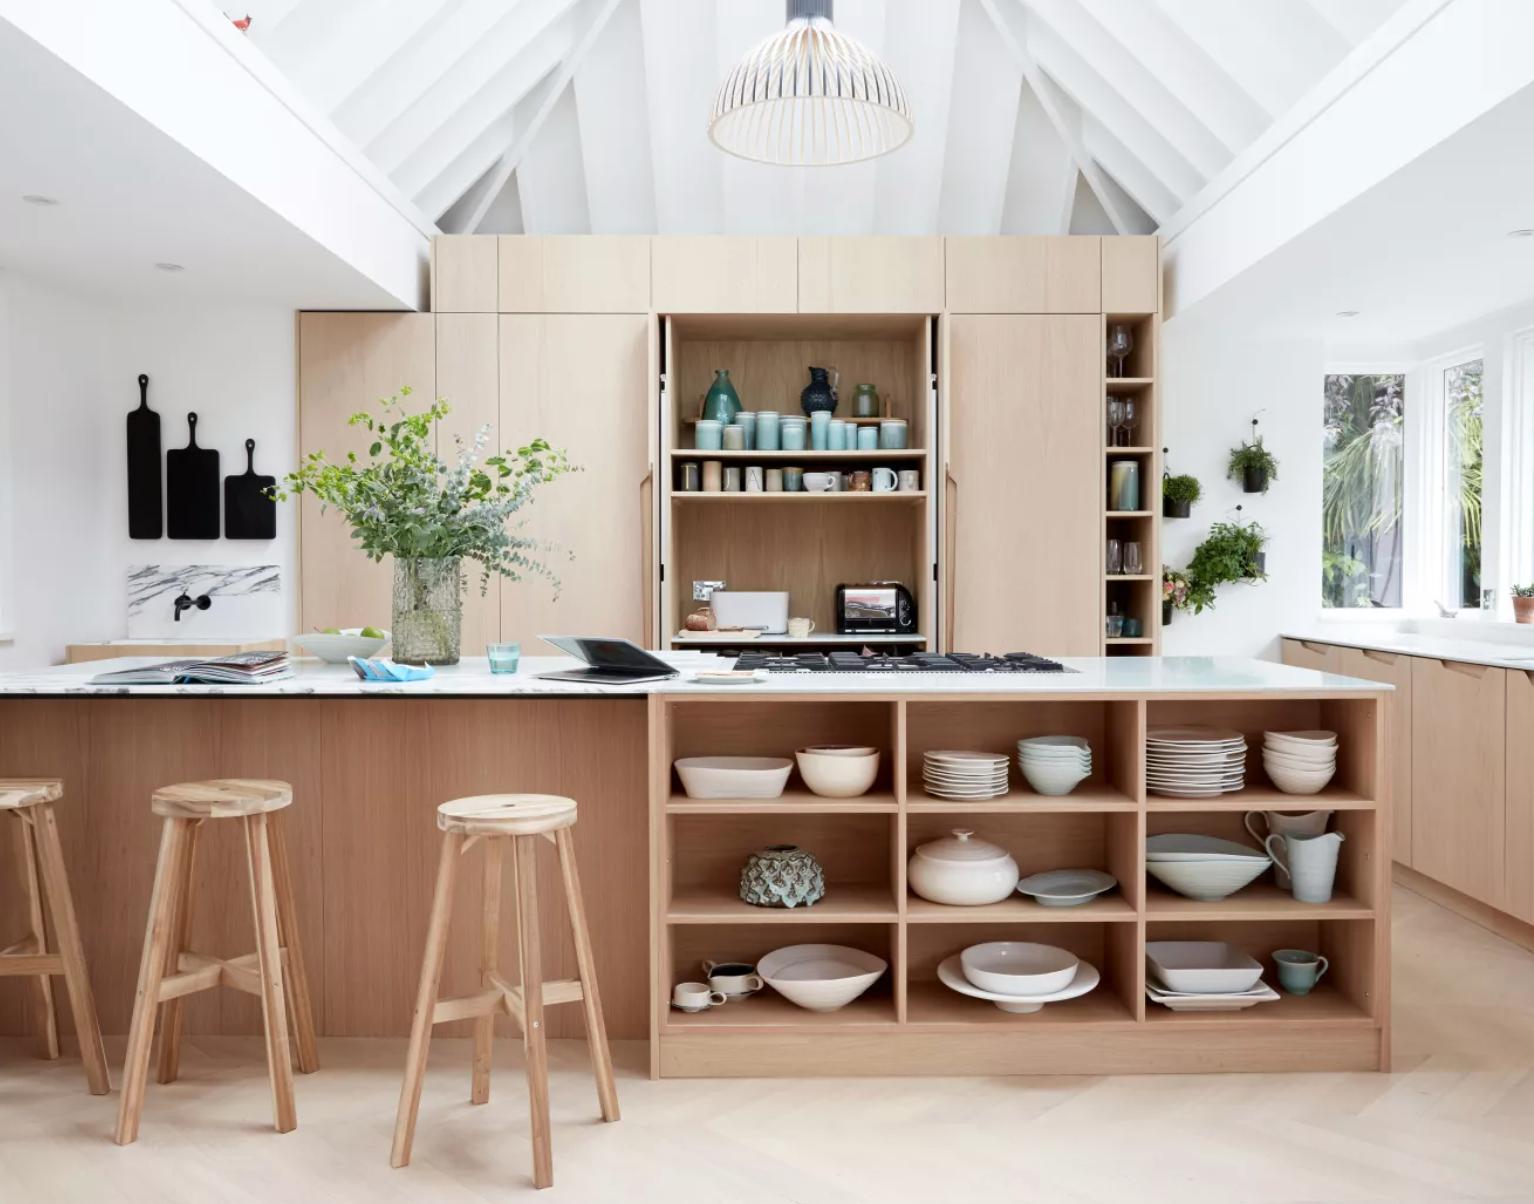 kitchen design with storage